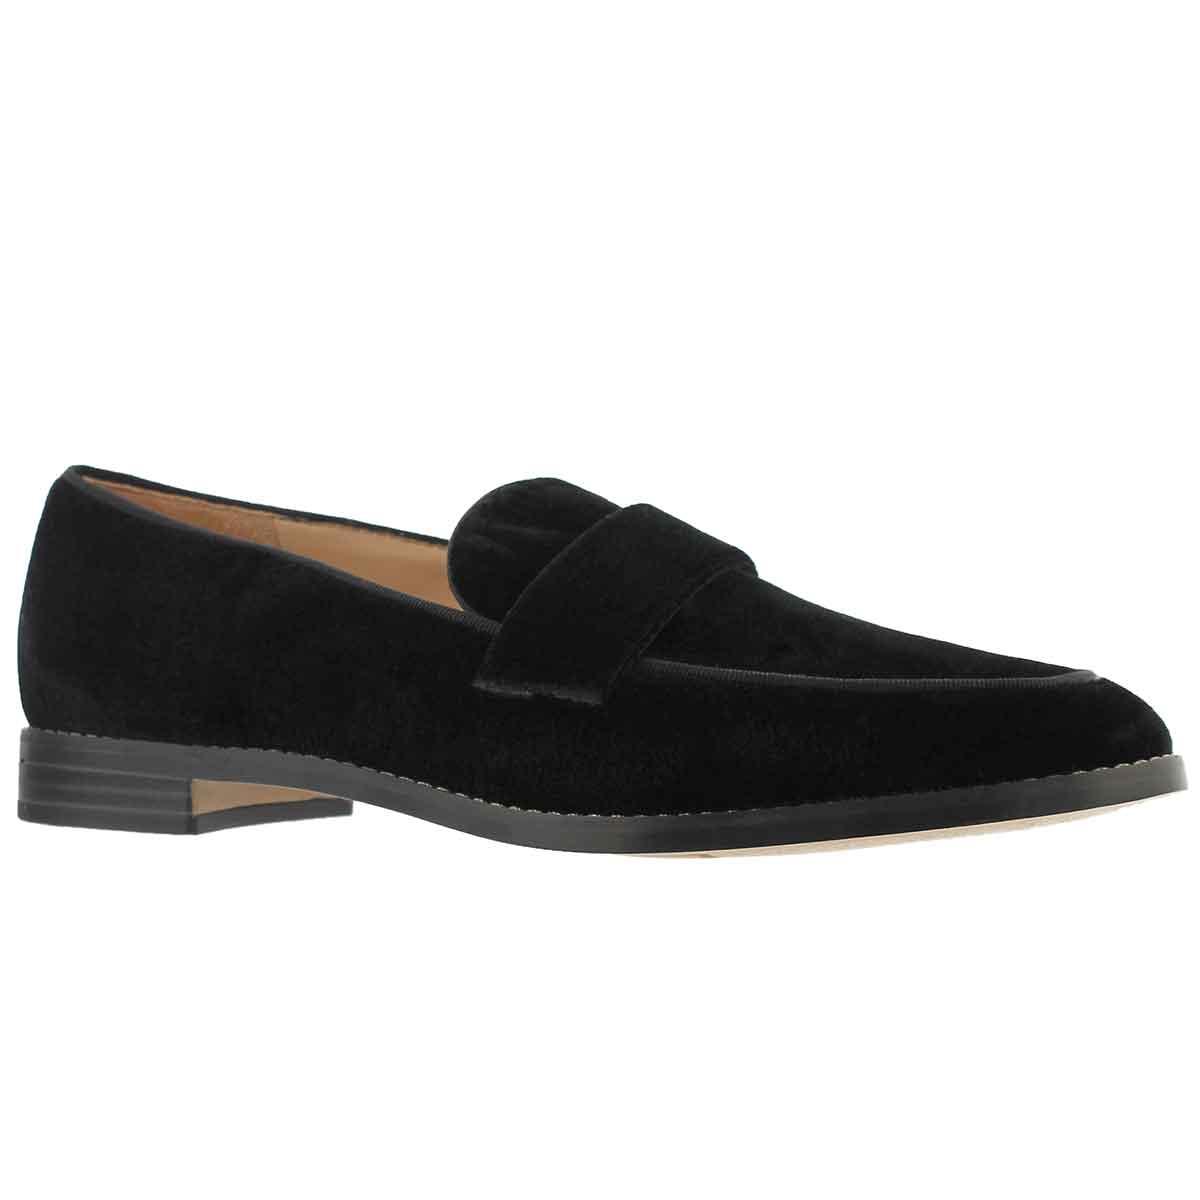 Women's HUDLEY black casual slip on shoe